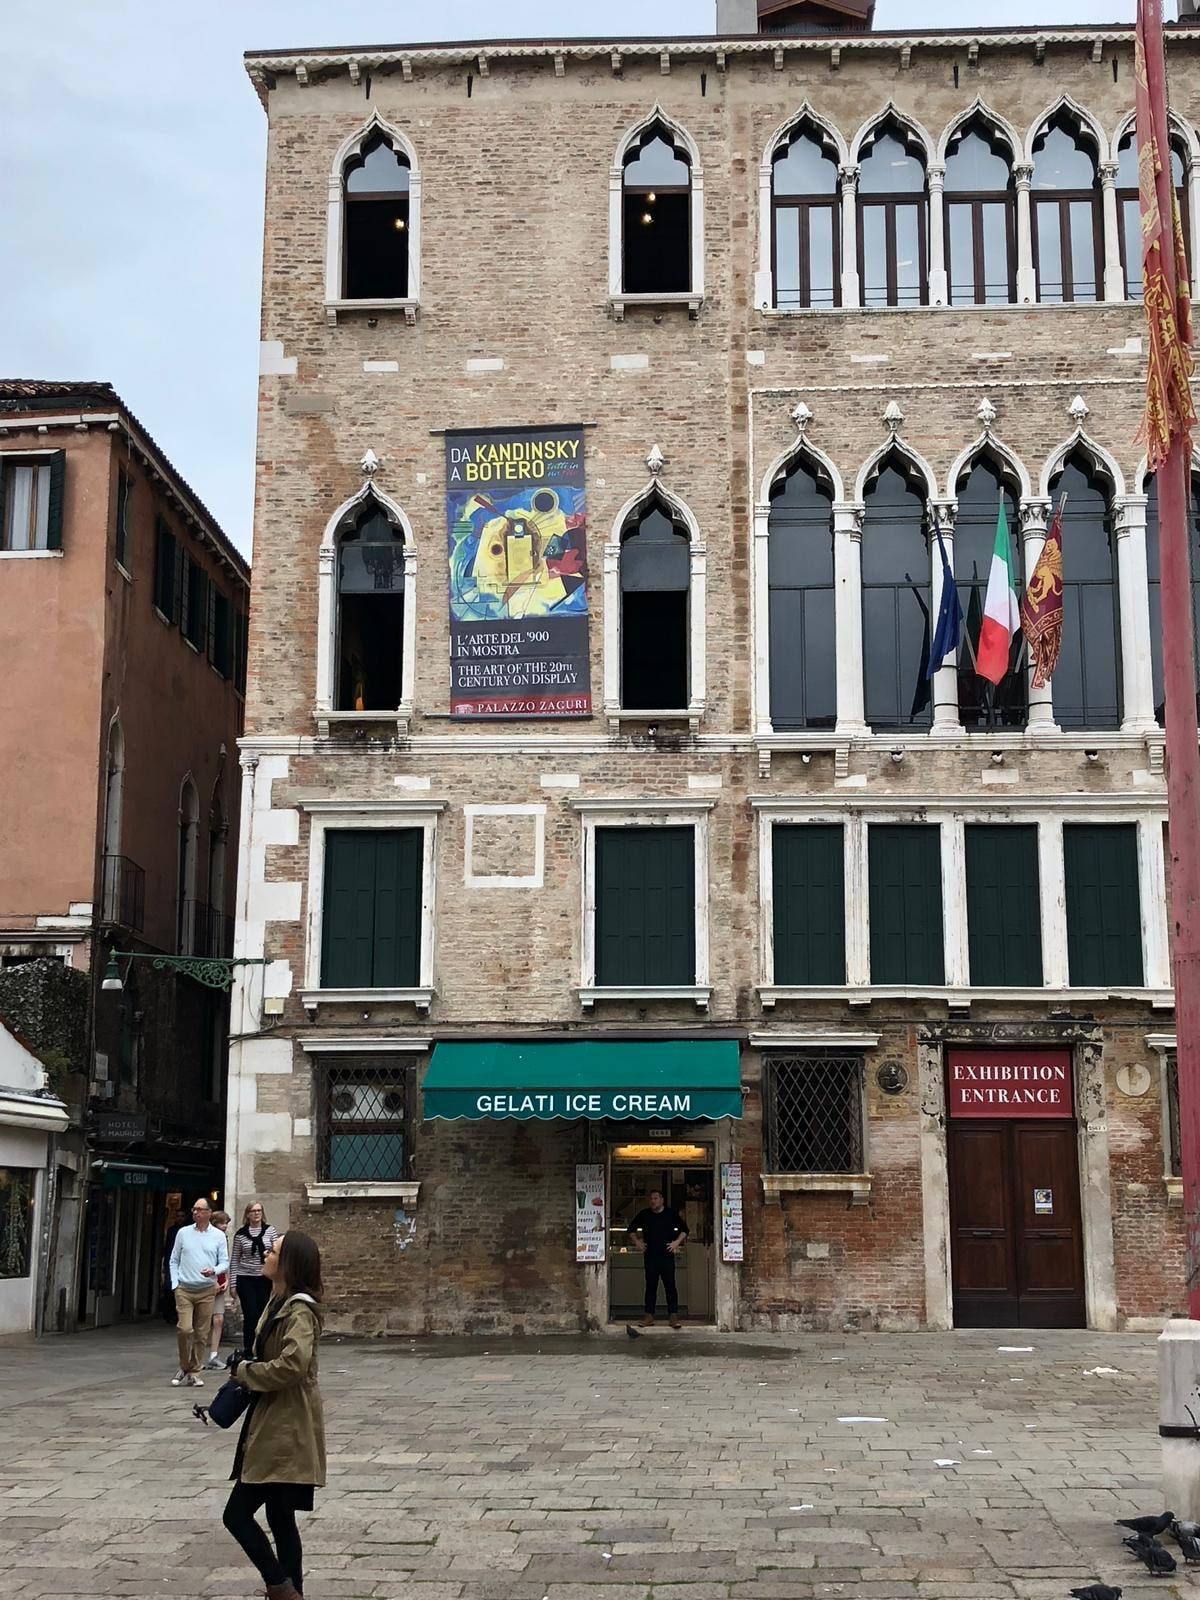 Το Palazzo Zaguri στη Βενετία